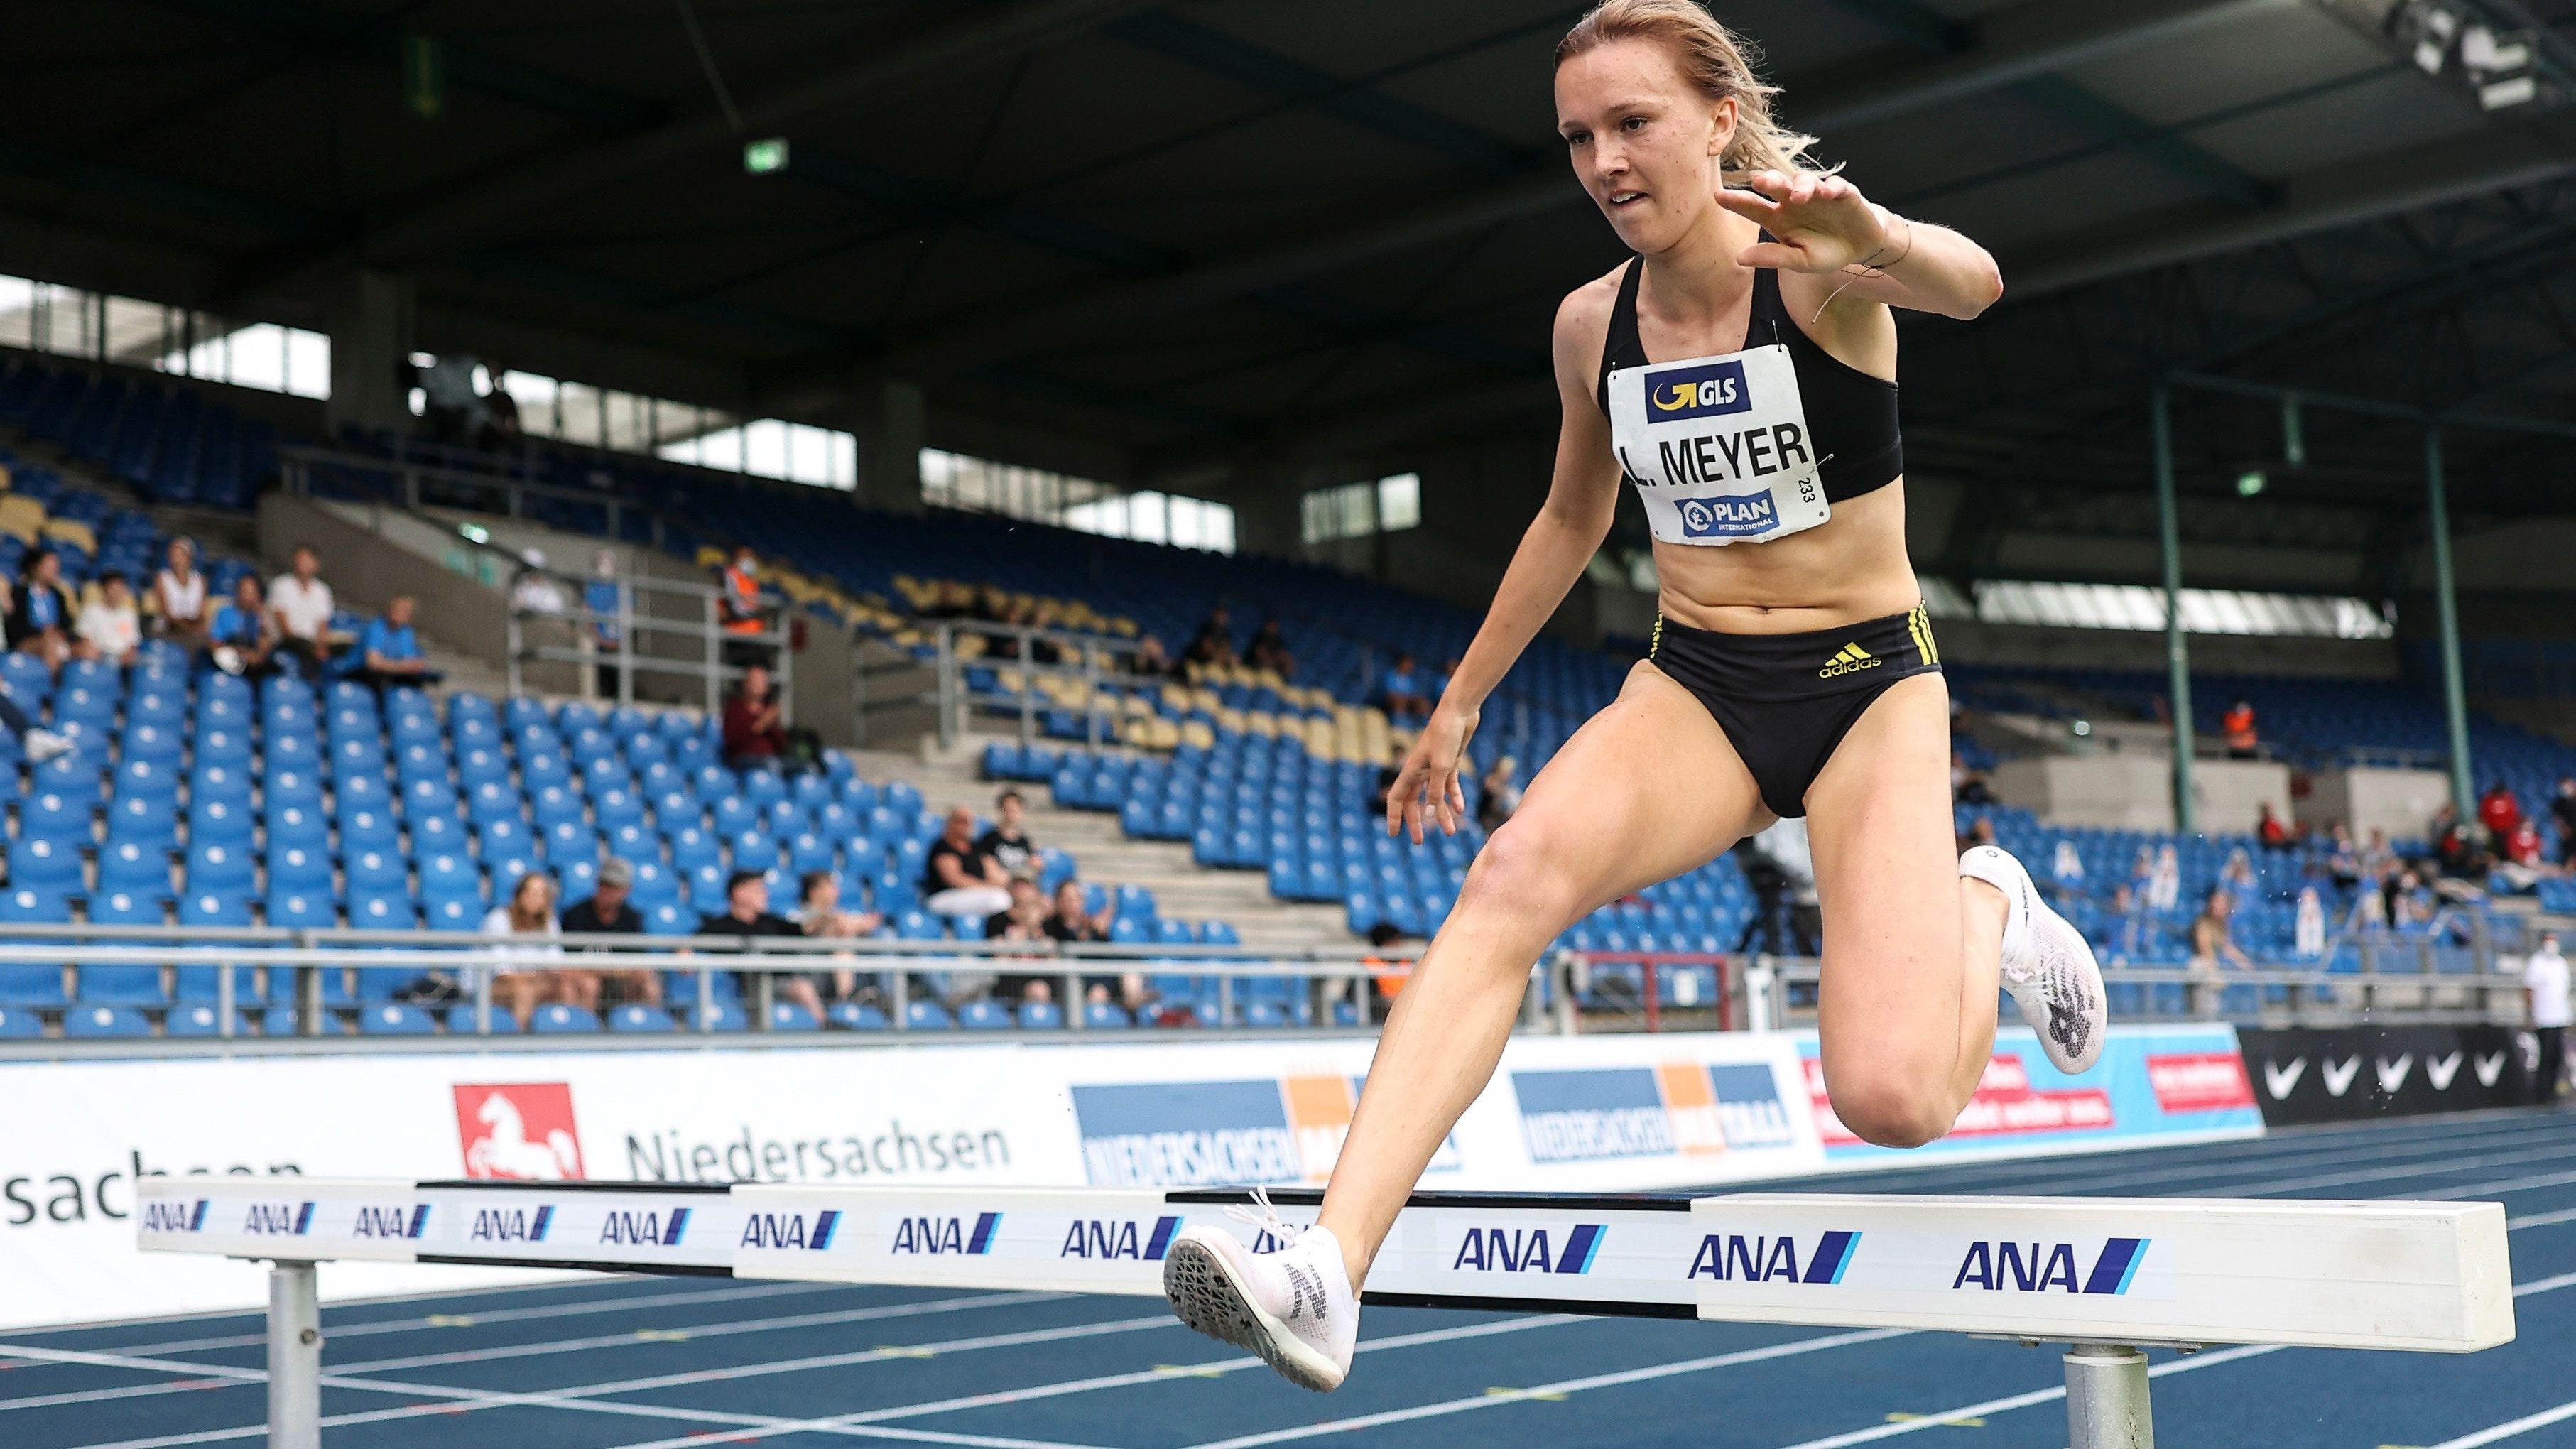 Gelingt der ganz große Satz? Lea Meyer vom VfL Löningen startet am Sonntag (von 2.40 Uhr an, MESZ) bei den Olympischen Spielen im Vorlauf über 3000 Meter Hindernis. In drei Rennen ermitteln 45 Starterinnen 15 Finalistinnen. Foto: Beautiful Sports/Axel Kohring